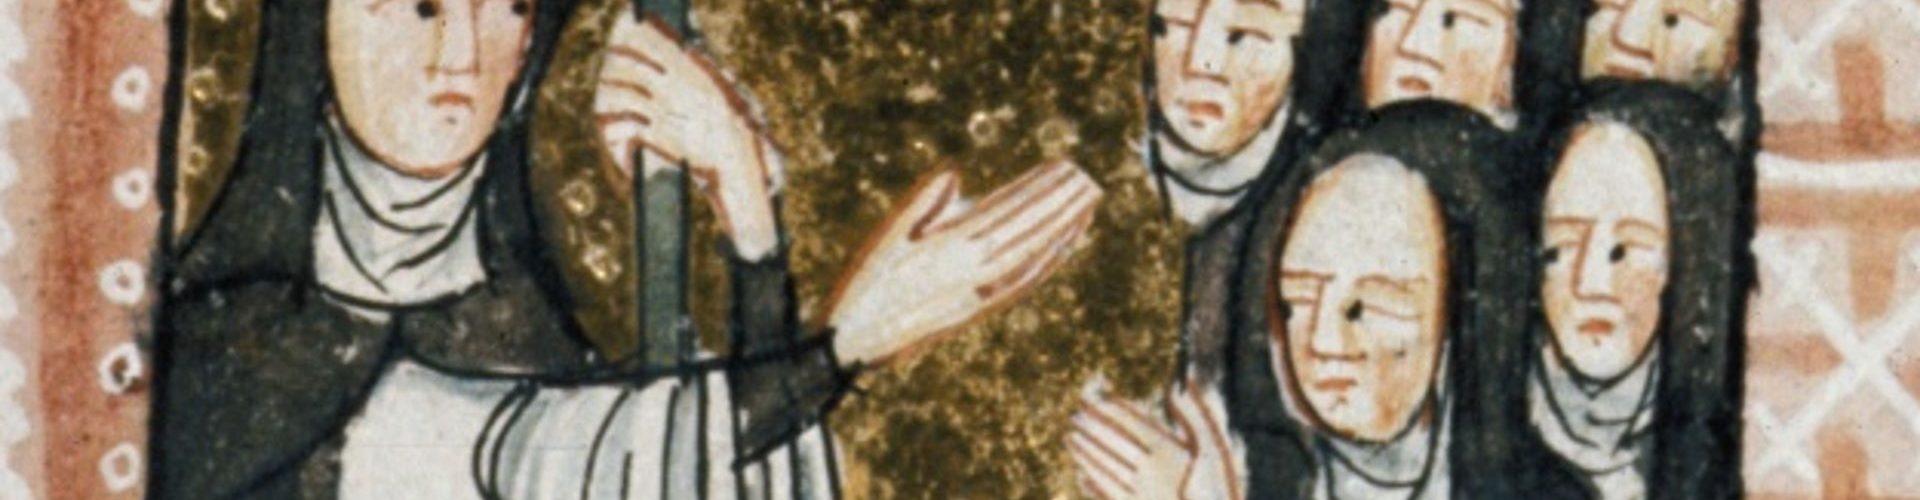 Przełożona wspólnoty i jej członkinie na późnośredniowiecznej miniaturze